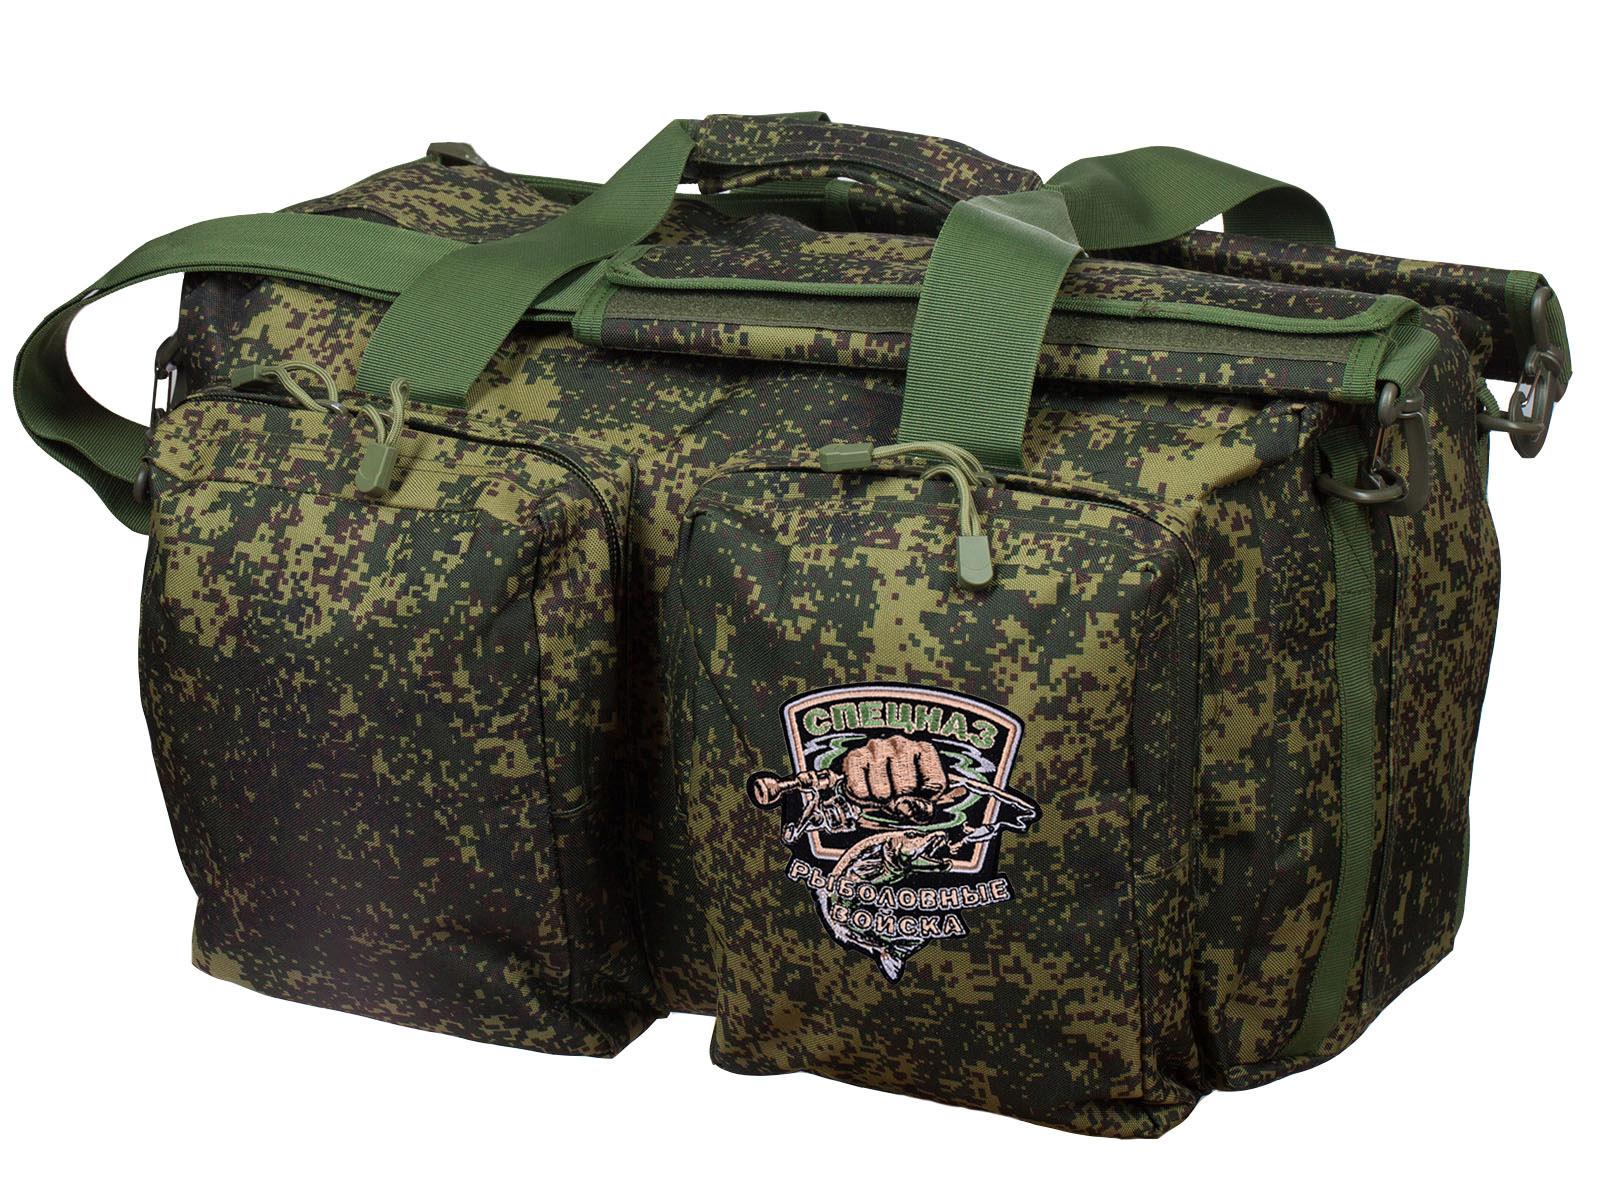 Армейская полевая сумка с эмблемой Рыболовного спецназа